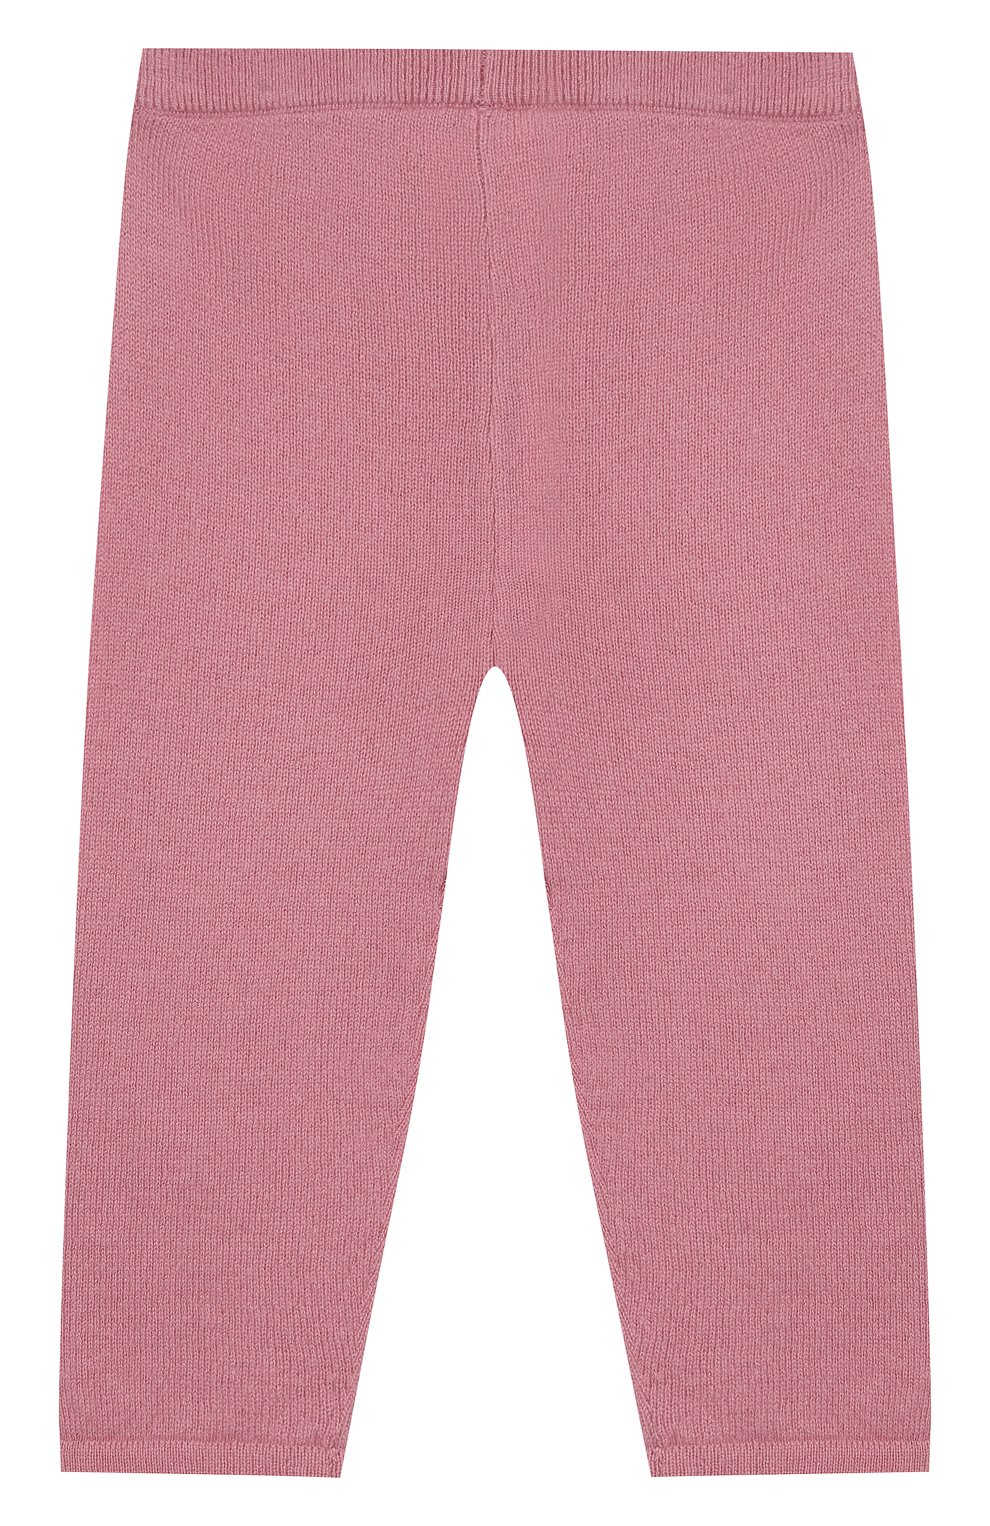 Детские кашемировые брюки LES LUTINS розового цвета, арт. 20E001/LEGGING | Фото 1